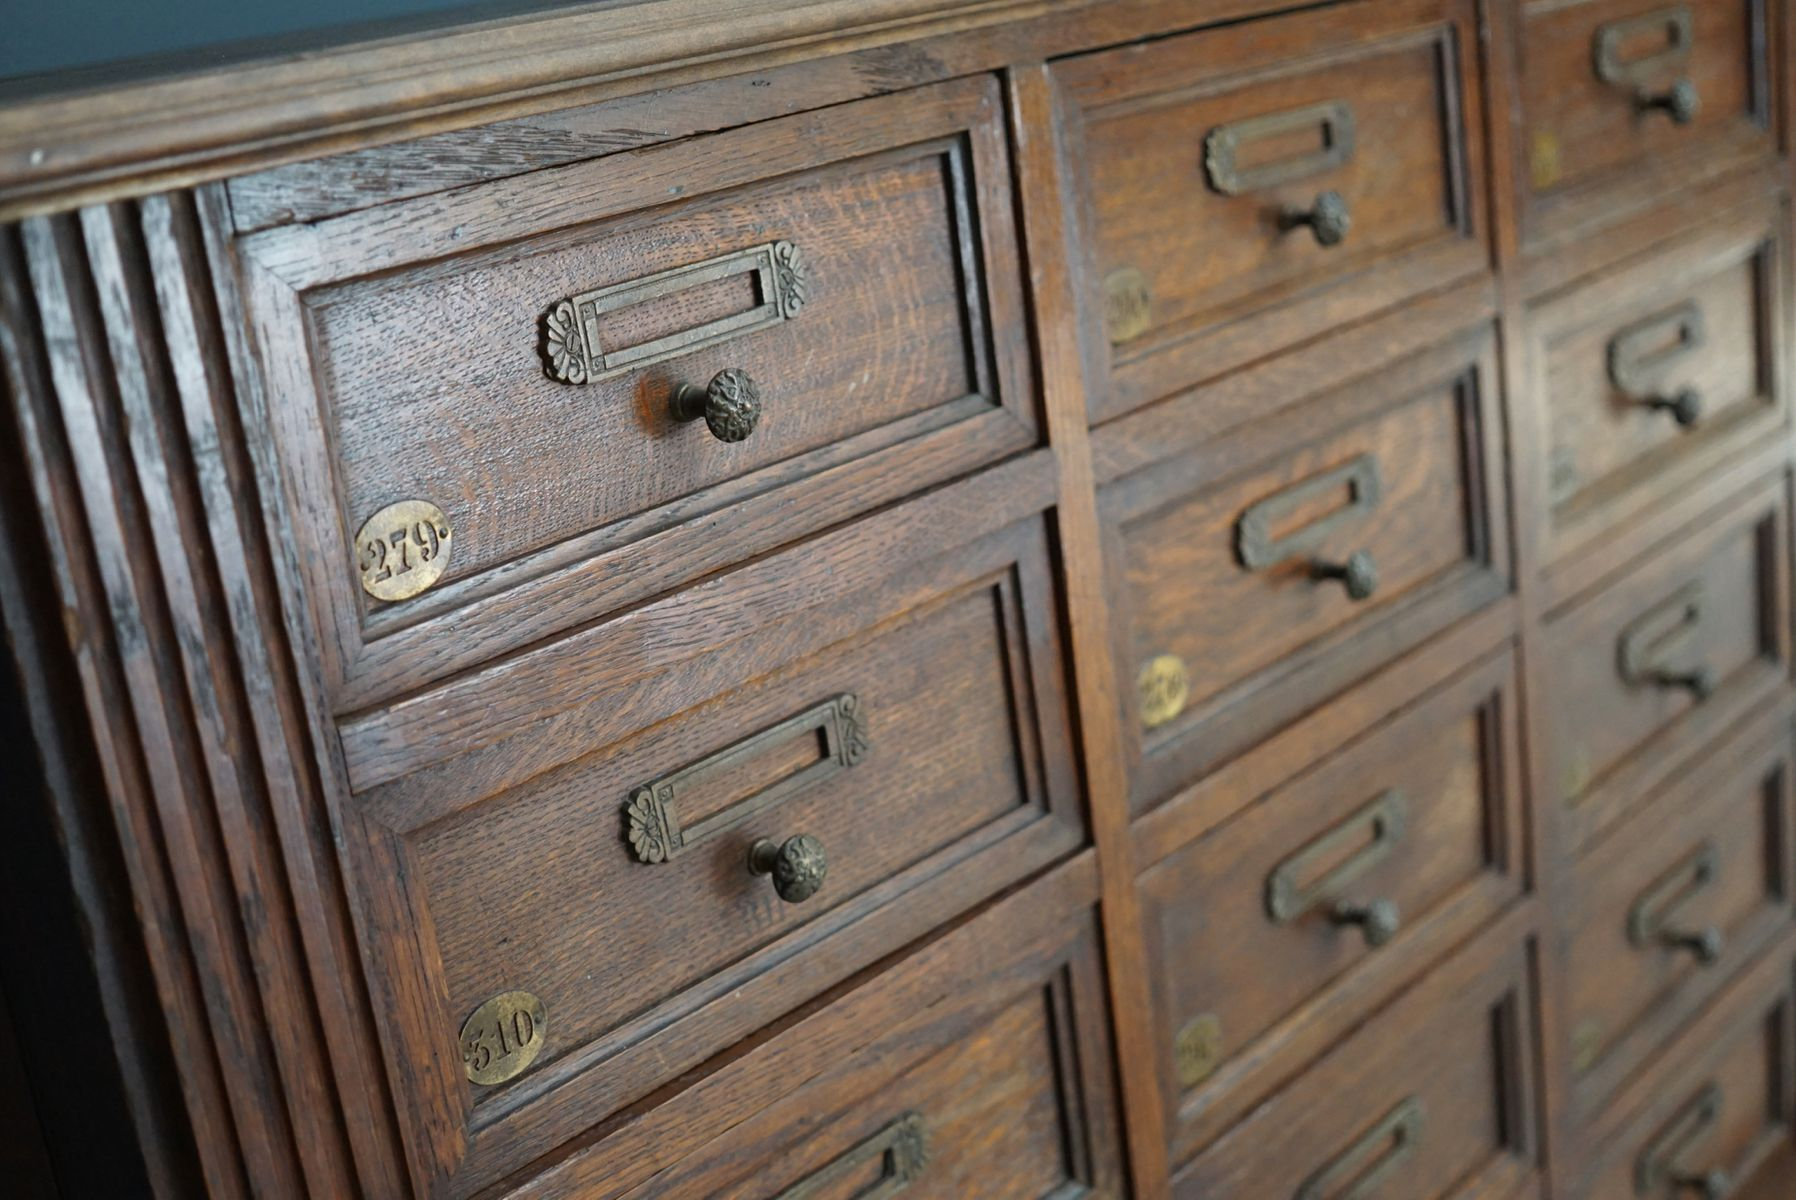 meuble apothicaire en ch ne avec pi ces m talliques en laiton france 1900s en vente sur pamono. Black Bedroom Furniture Sets. Home Design Ideas